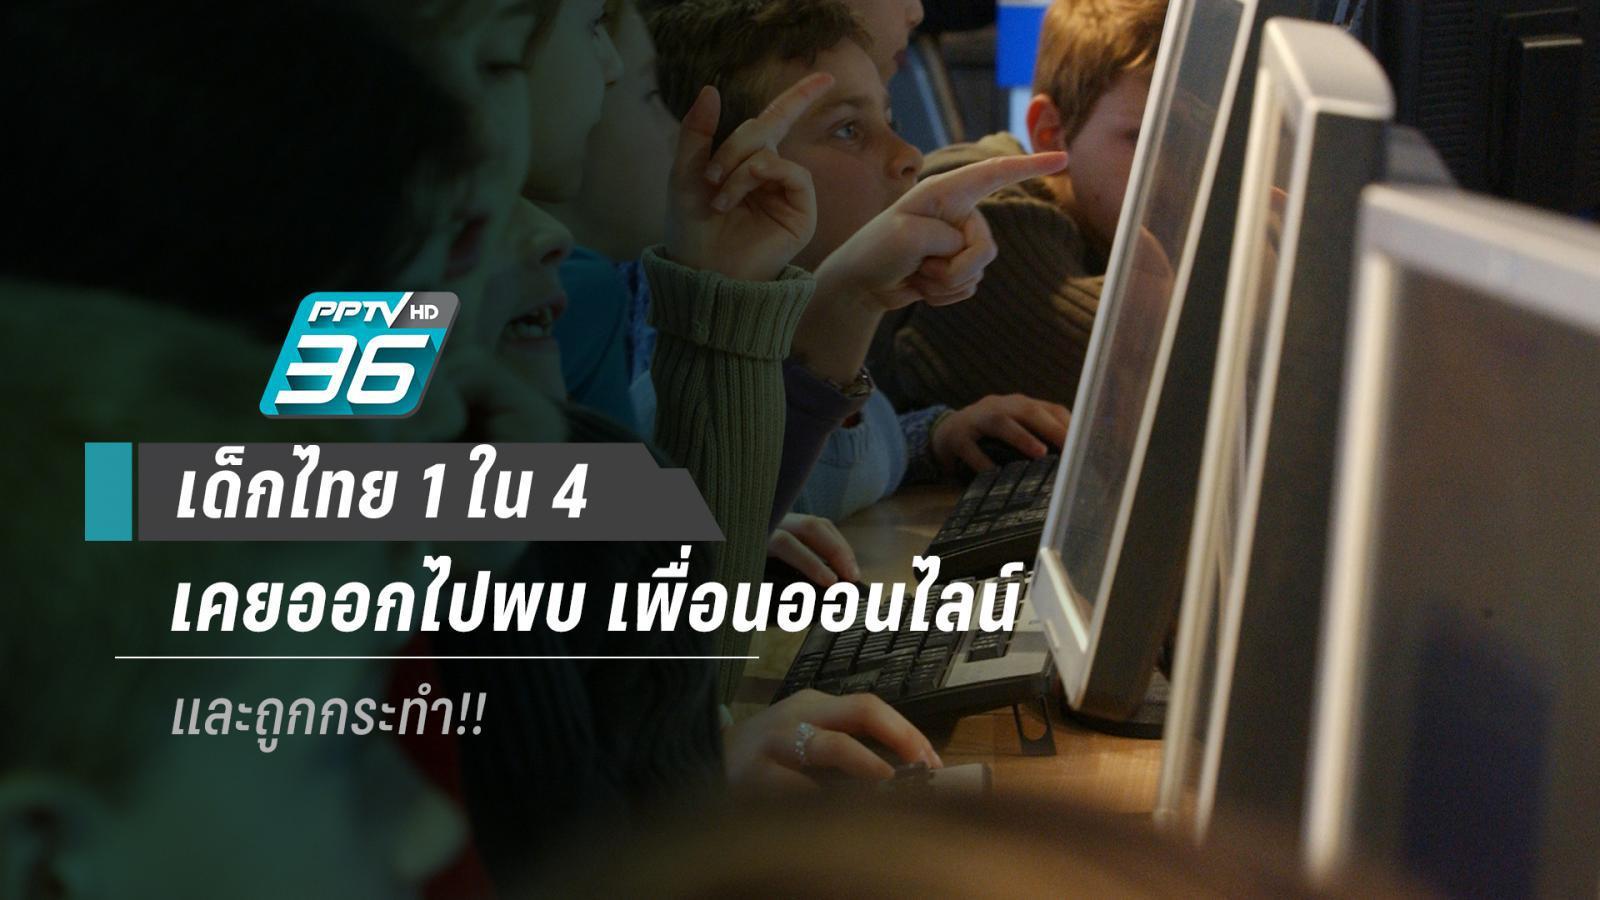 เผยเด็กไทย 1 ใน 4 เคยนัดเจอเพื่อนออนไลน์  และถูกกระทำ!!